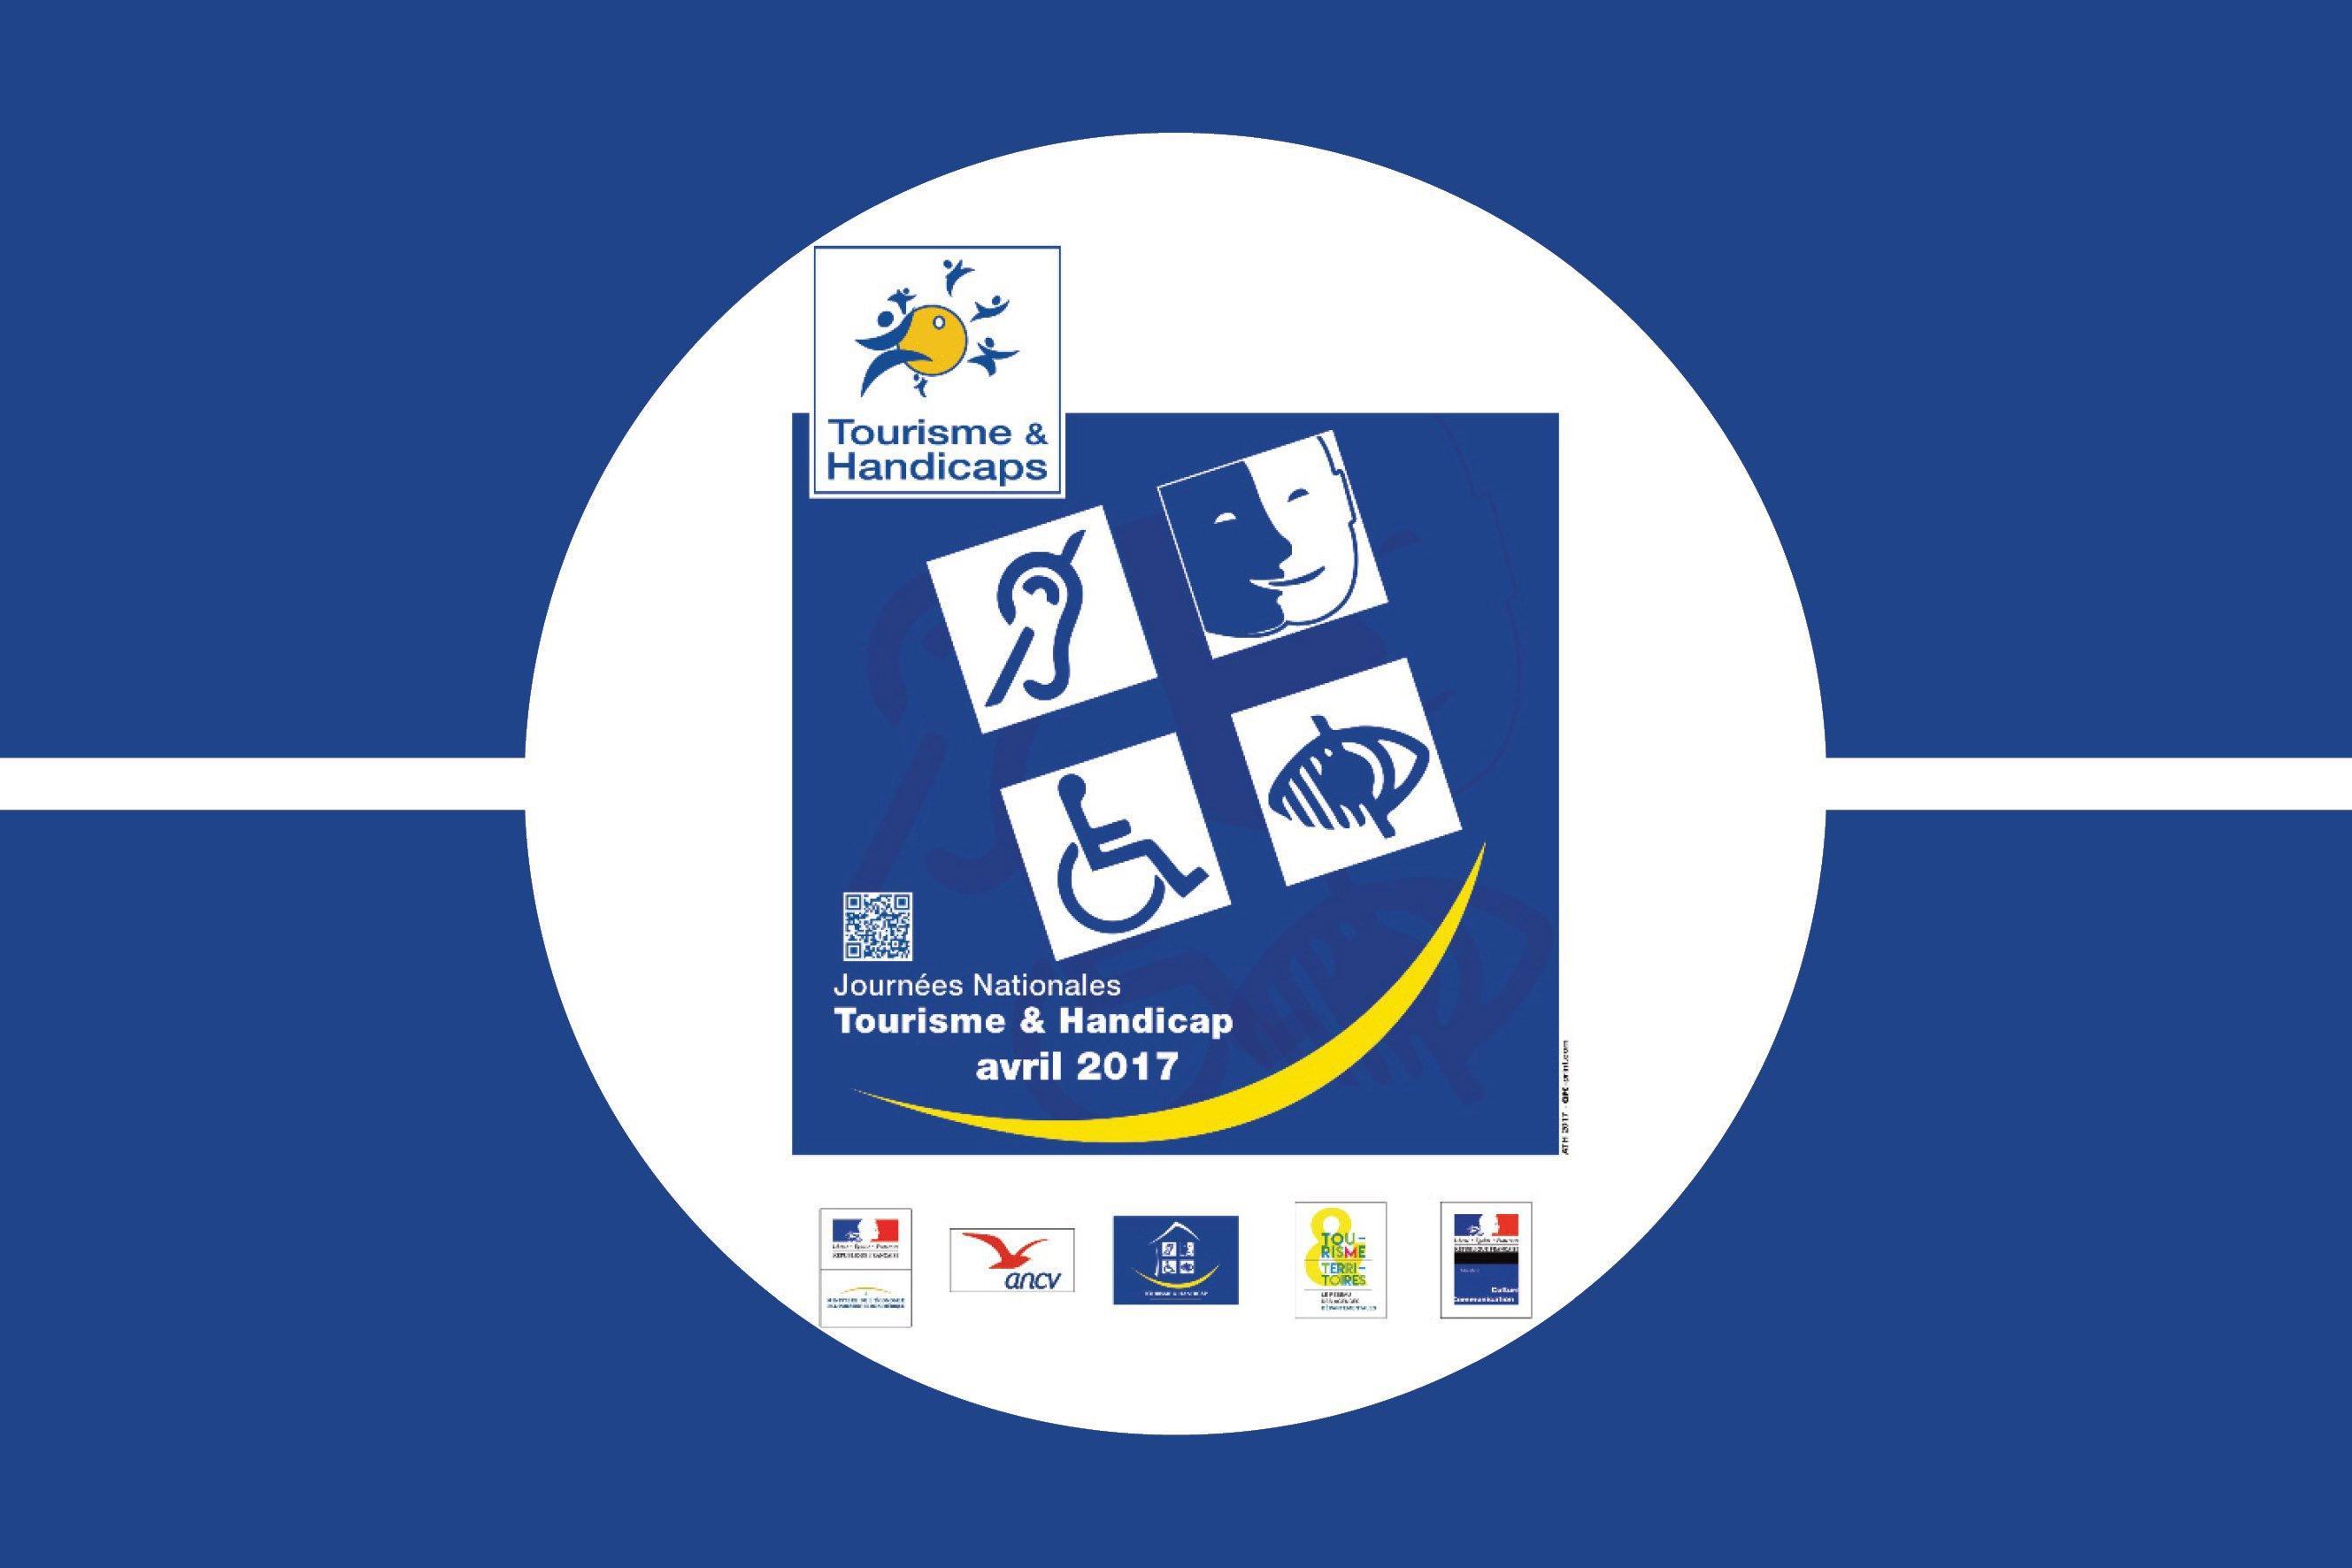 Les journées nationales Tourisme & Handicap en Haute-Savoie et La Croix de Savoie & SPA